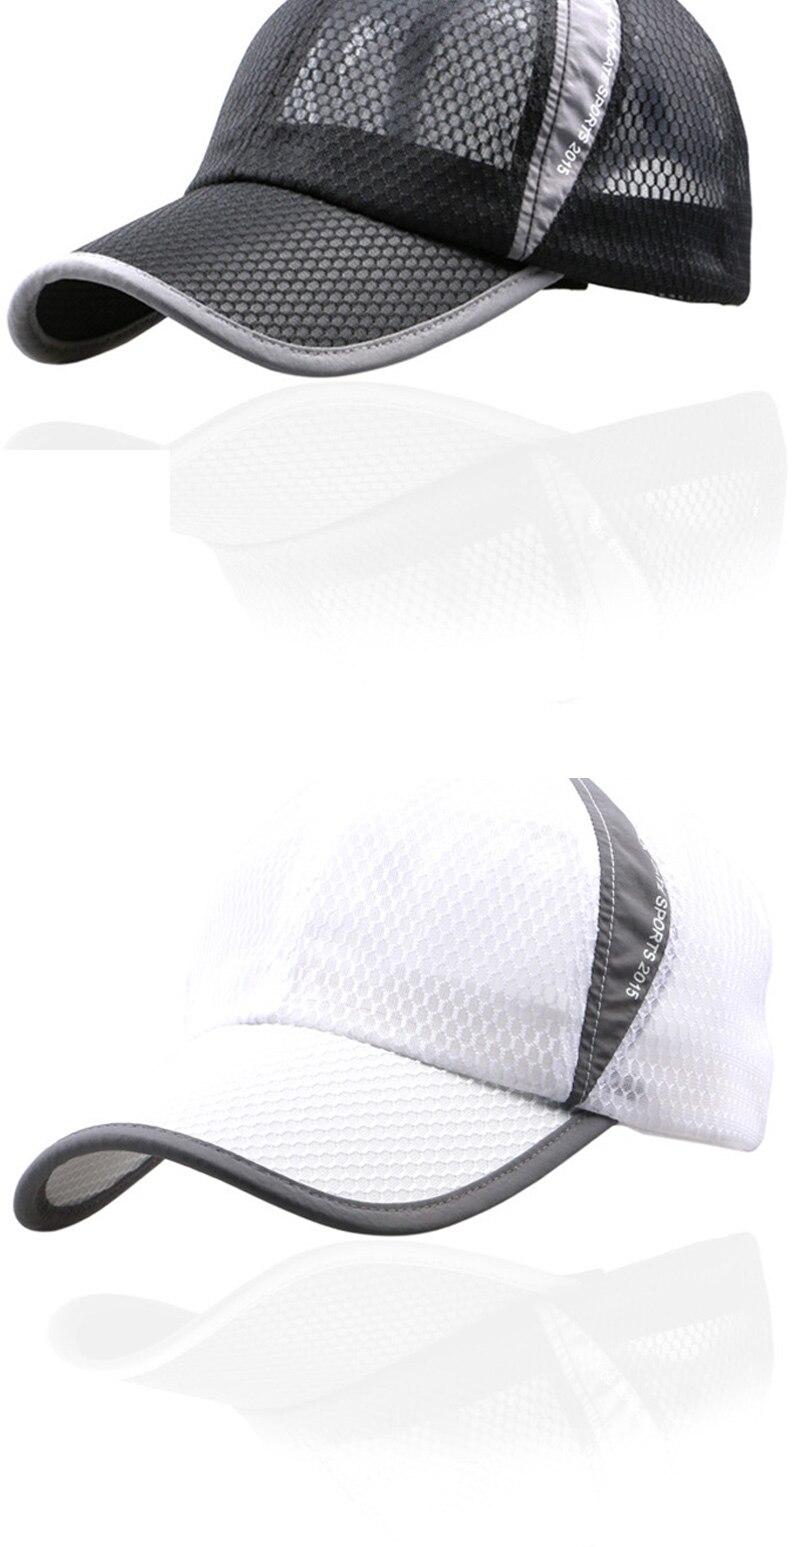 男士帽子_男士帽子厂家批发春夏季休闲运动时尚百搭太阳帽防晒透气棒球网帽---阿里巴巴_05